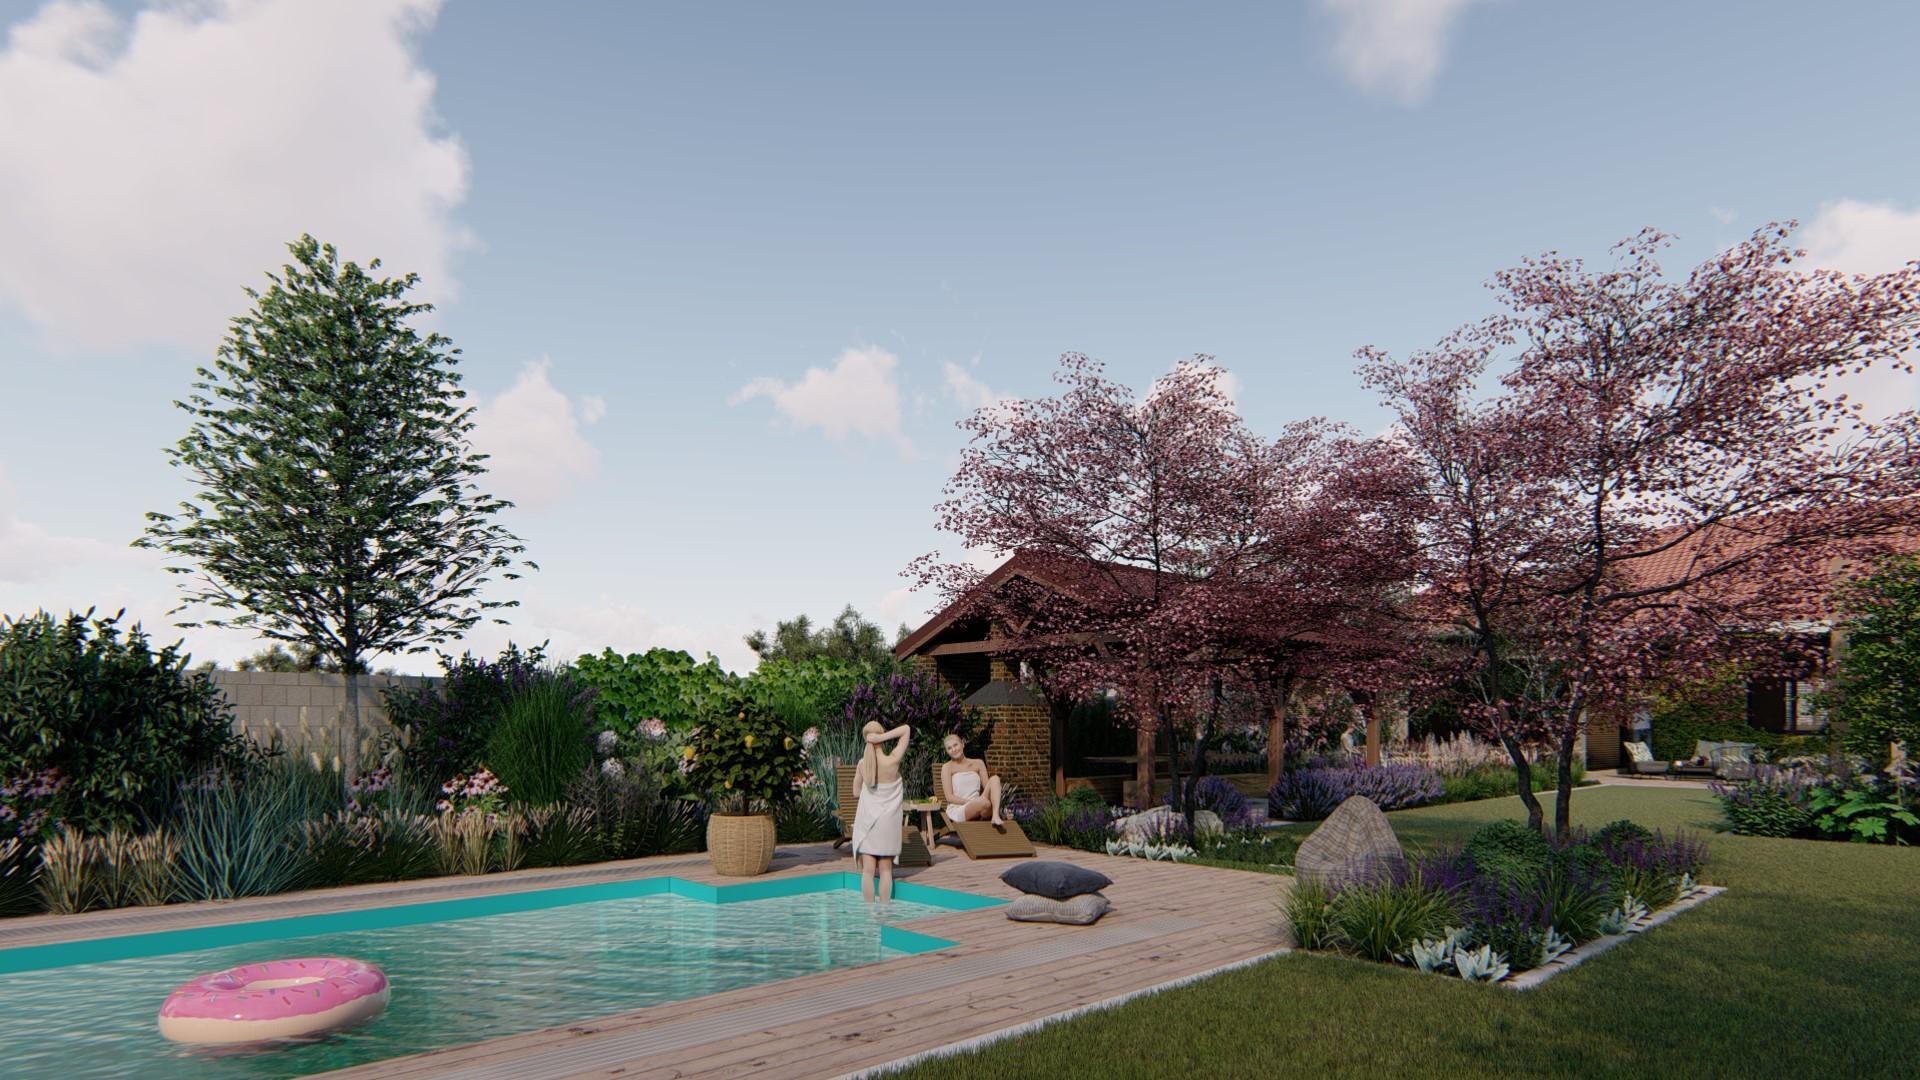 Záhrada s brezami - Obrázok č. 11